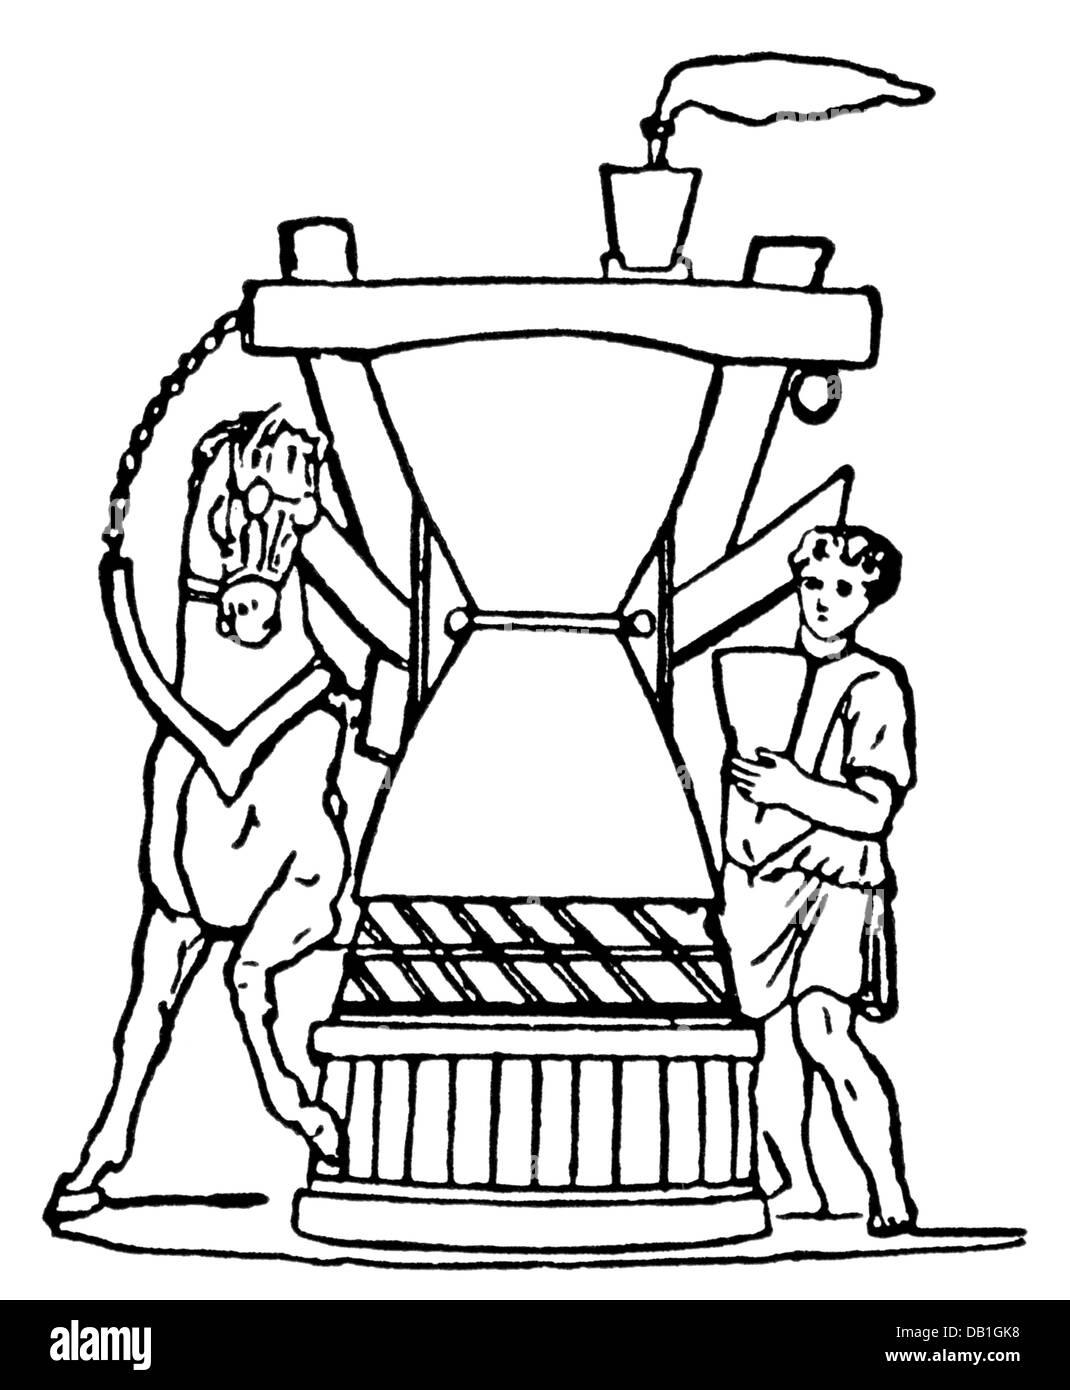 La comida, la harina, el molino giratorio en una panadería